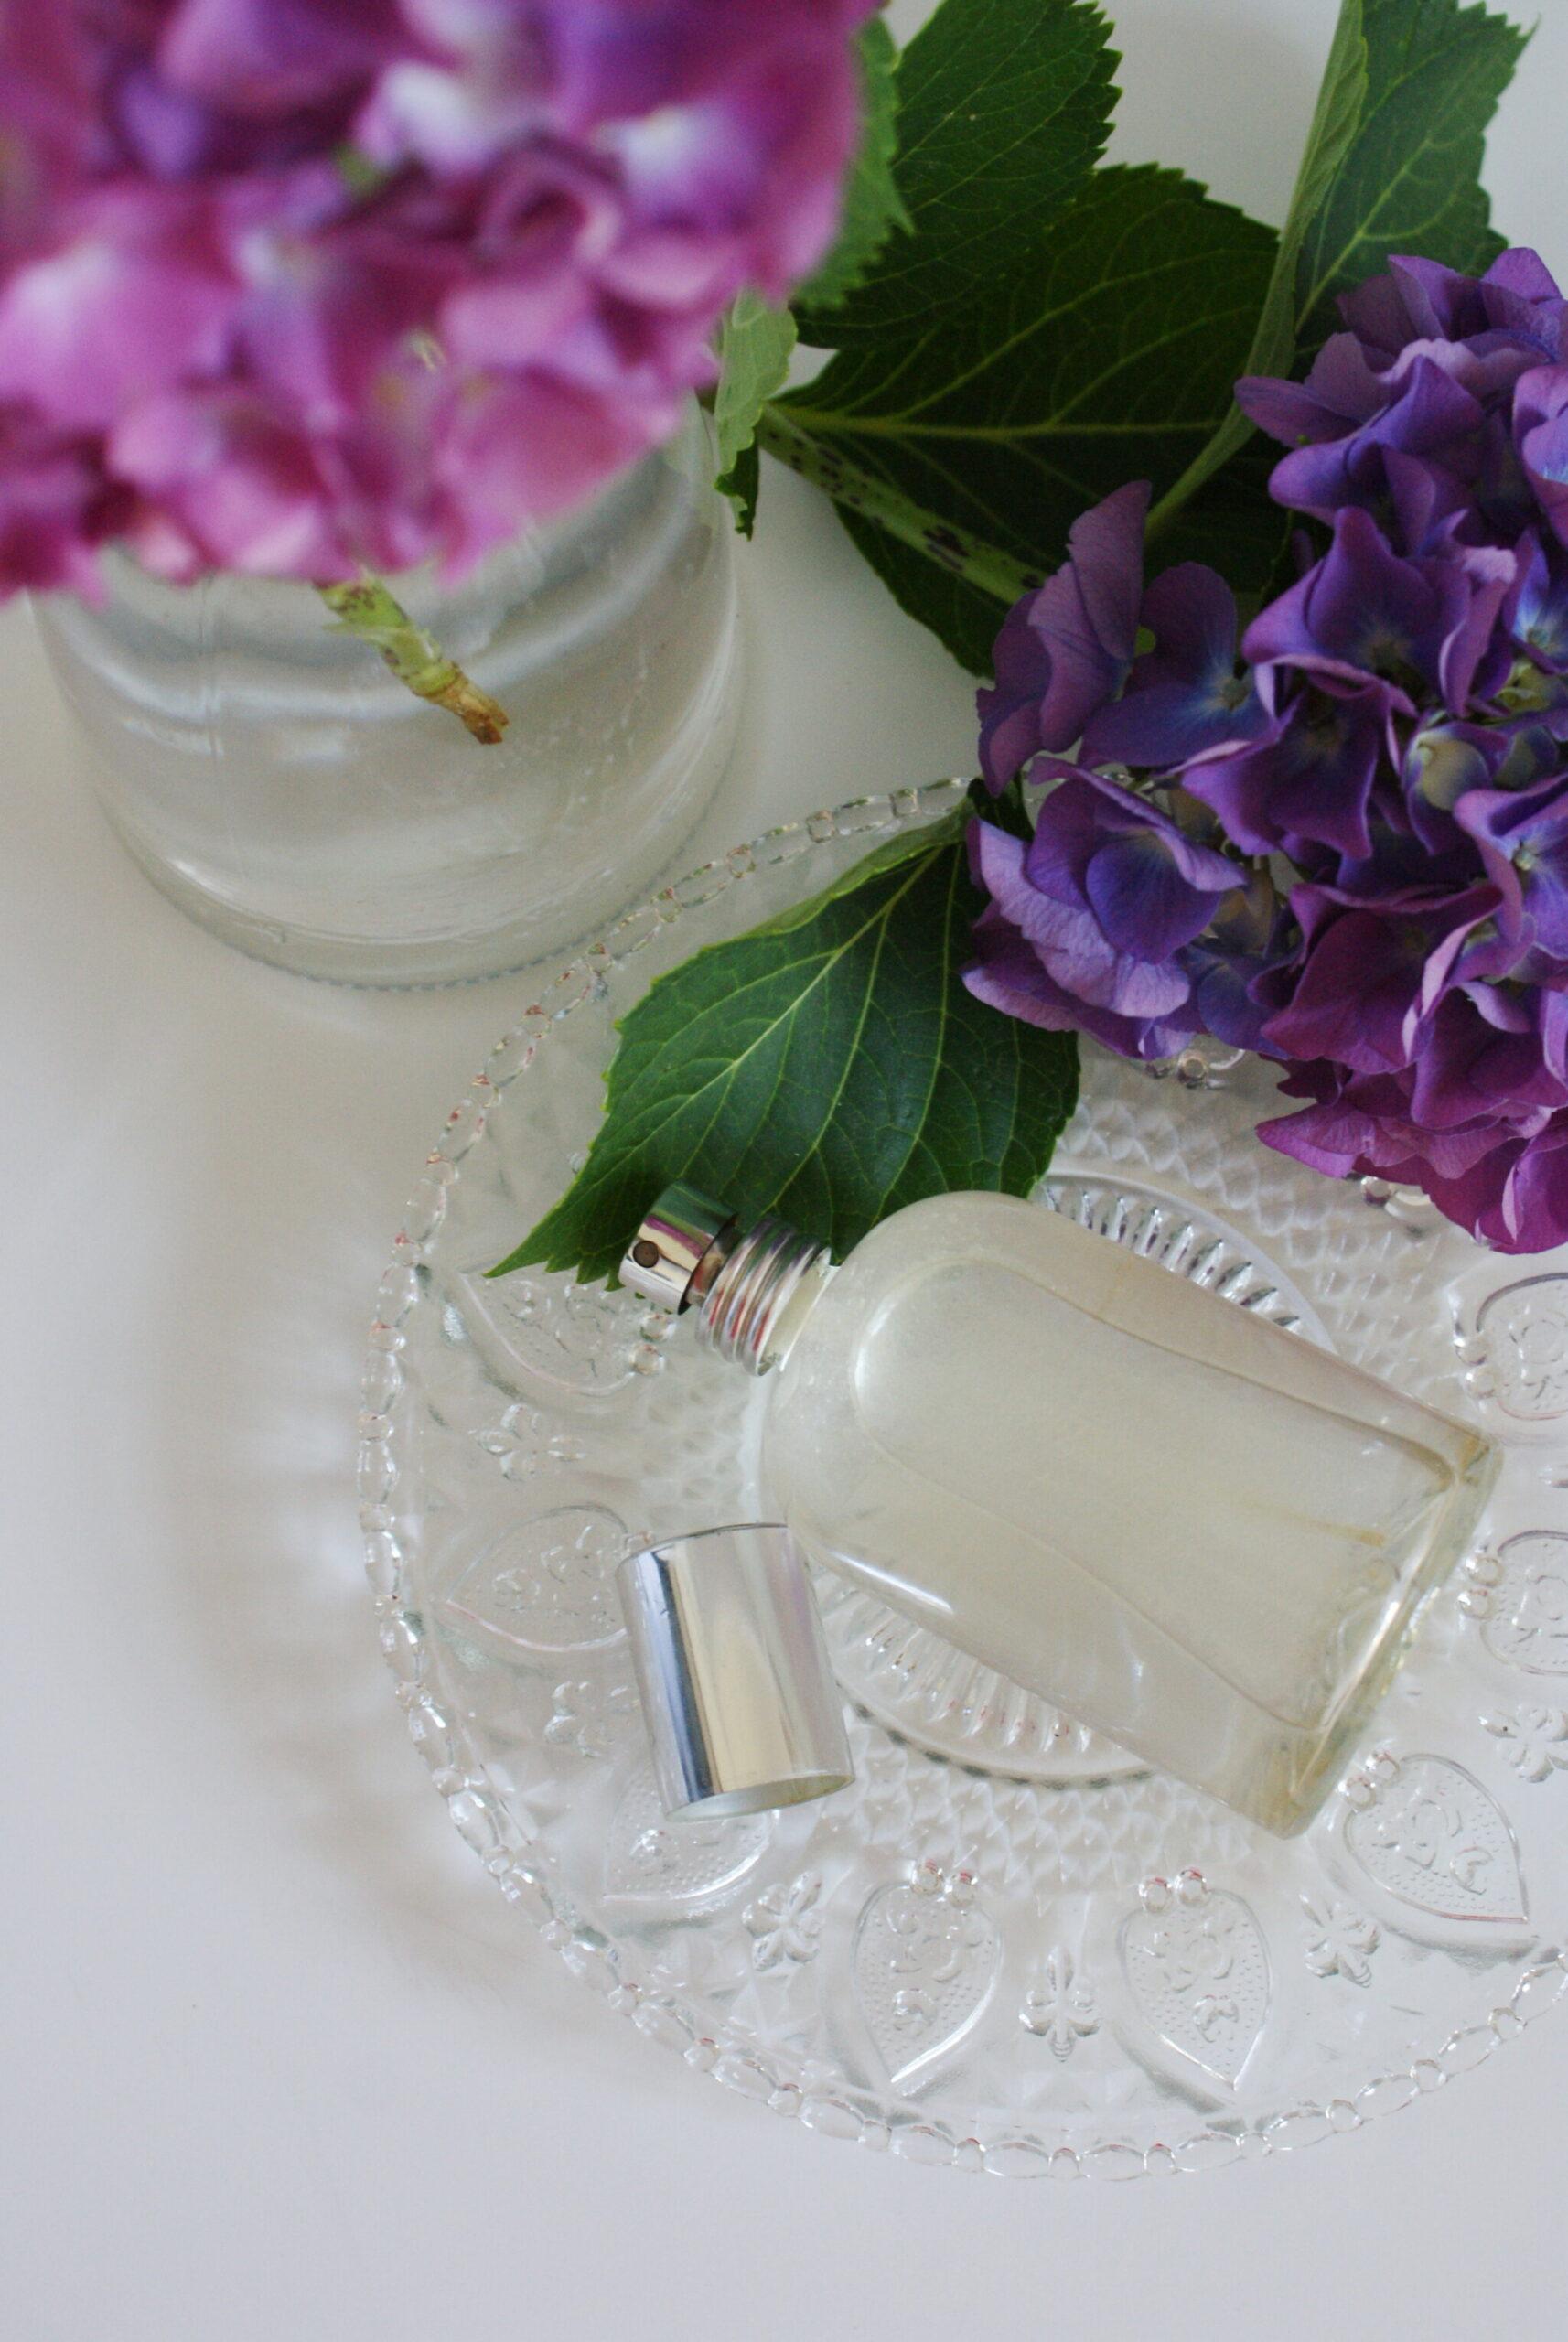 trattamento capelli spray olio cocco fai da te naturale veloce semplice tutorial ricetta estate idratante francinesplaceblog